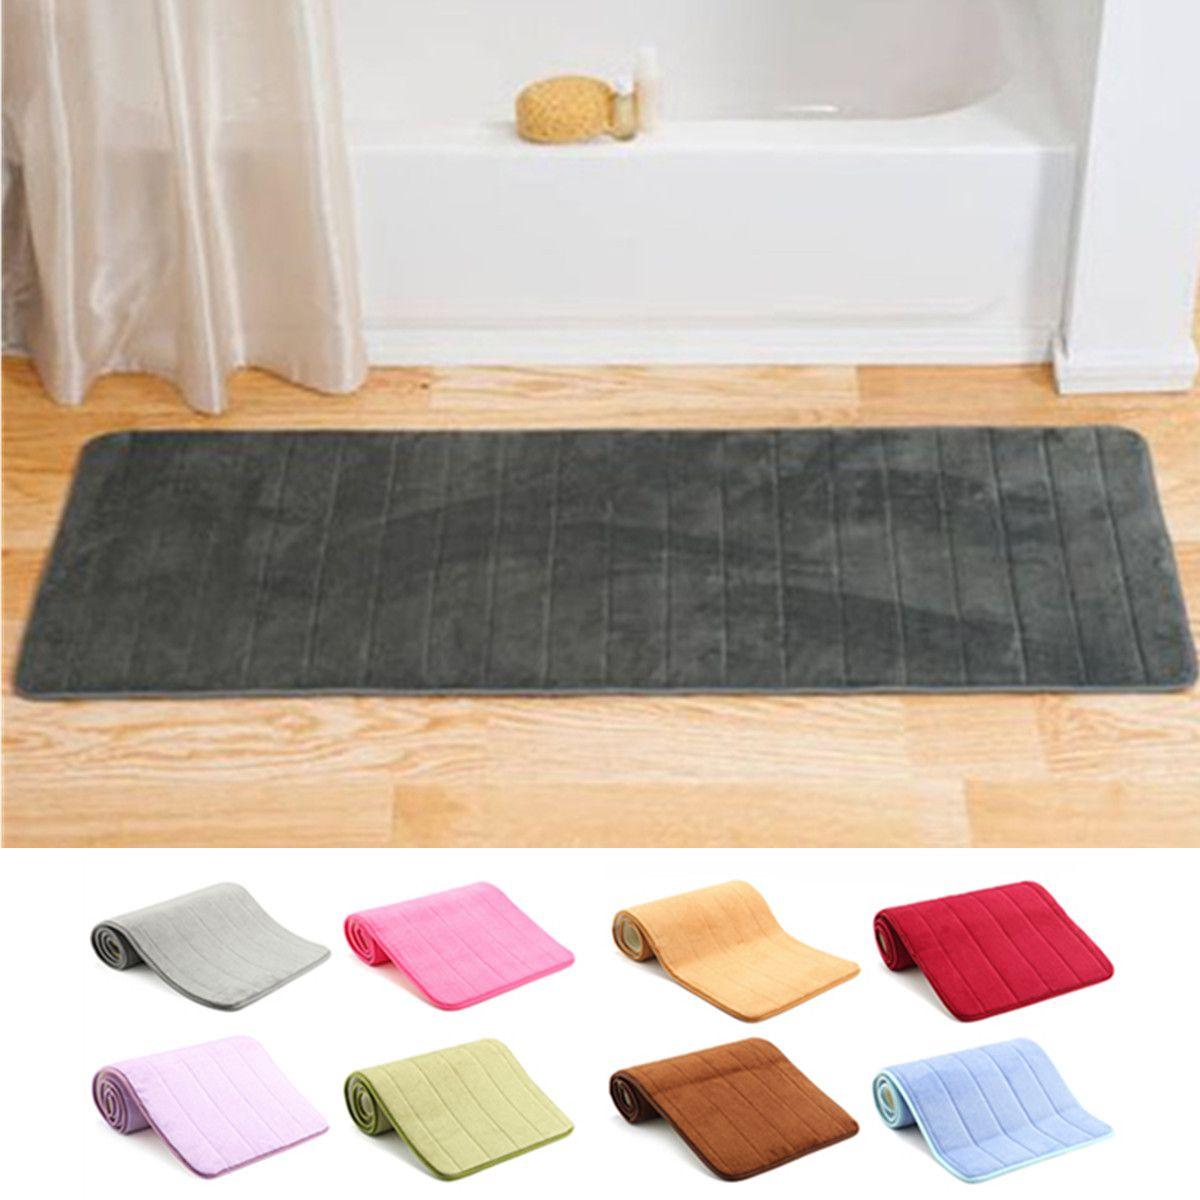 Soft Memory Foam Non Slip Doormat Bathroom Bedroom Kitchen Floor Rug Indoor Outdoor Mat Walmart Com Bedroom Flooring Shower Floor Floor Rugs